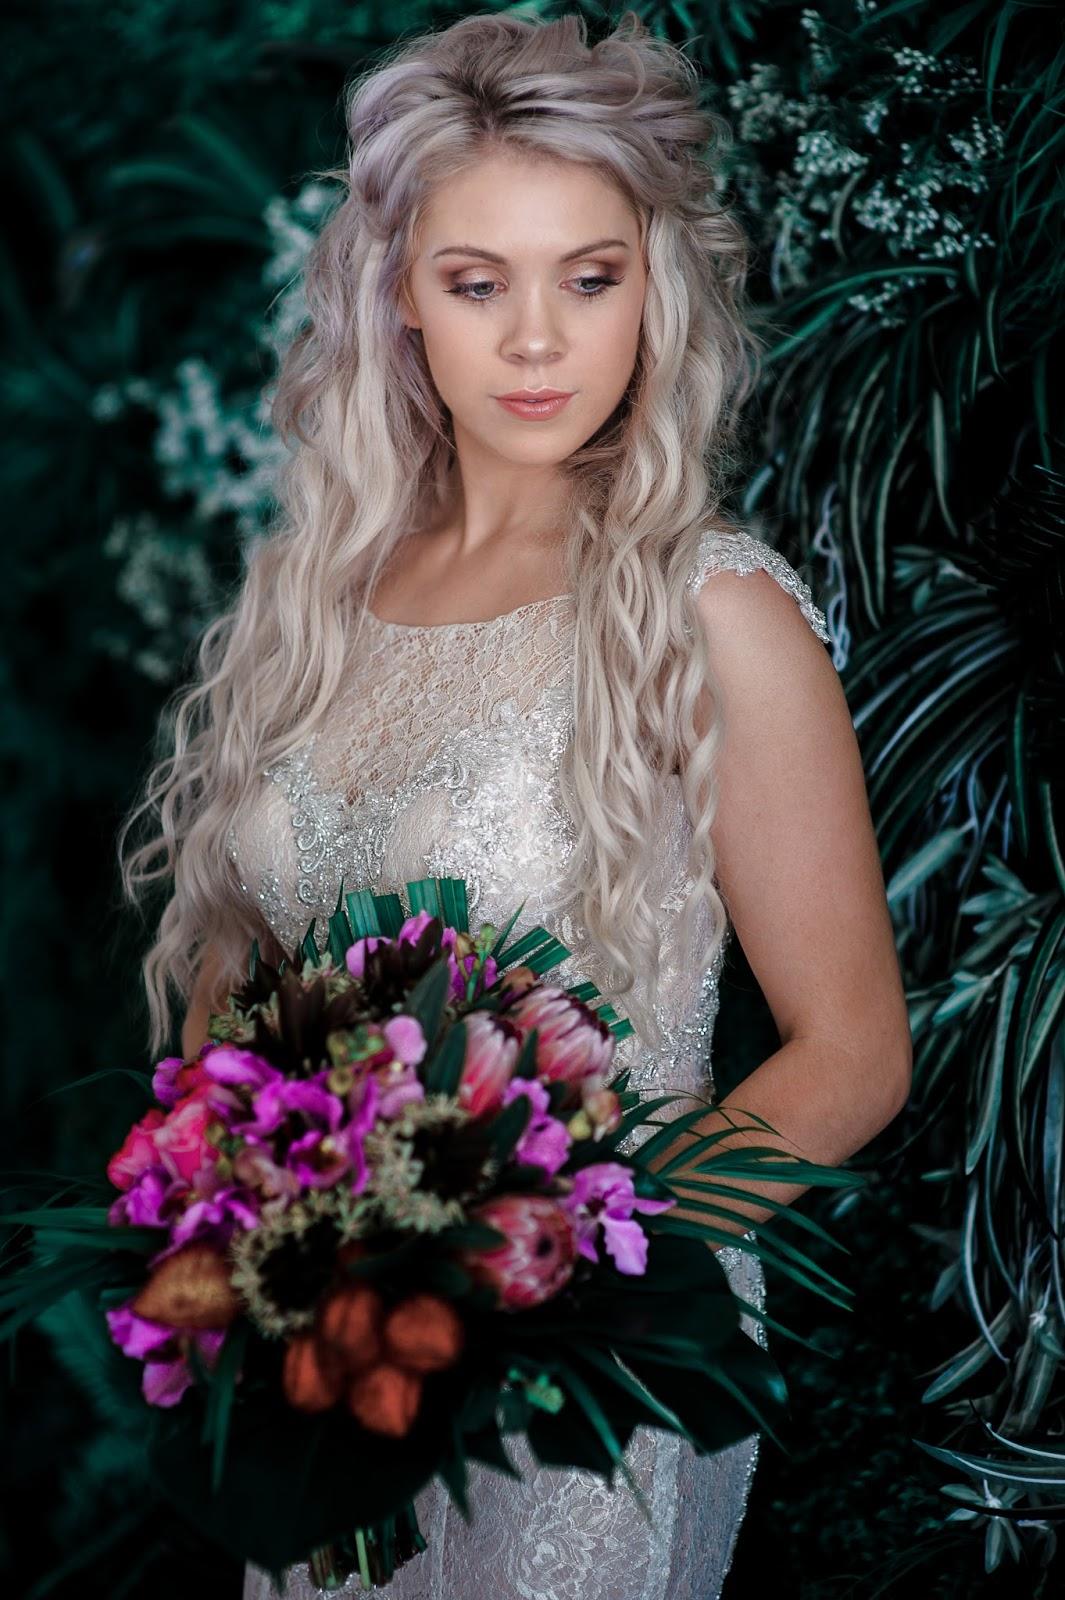 TO THE AISLE AUSTRALIA GOLD COAST WEDDING VENUE